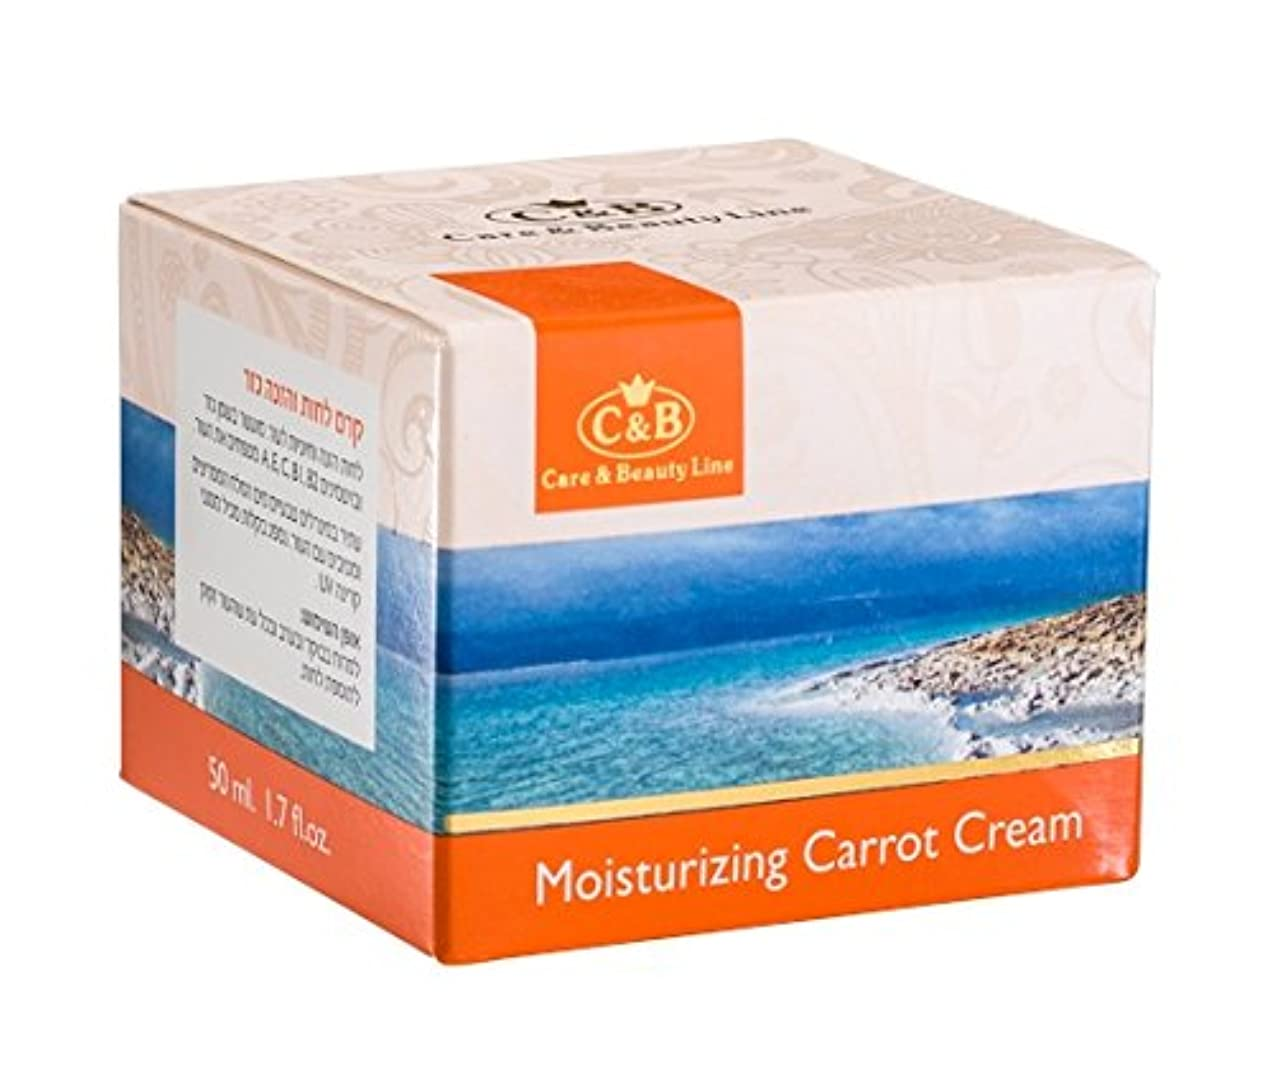 これまで存在する勇者人参入り潤いと栄養のクリーム 50mL 死海ミネラル ( Moisturizing & Nourishing Cream with Carrot